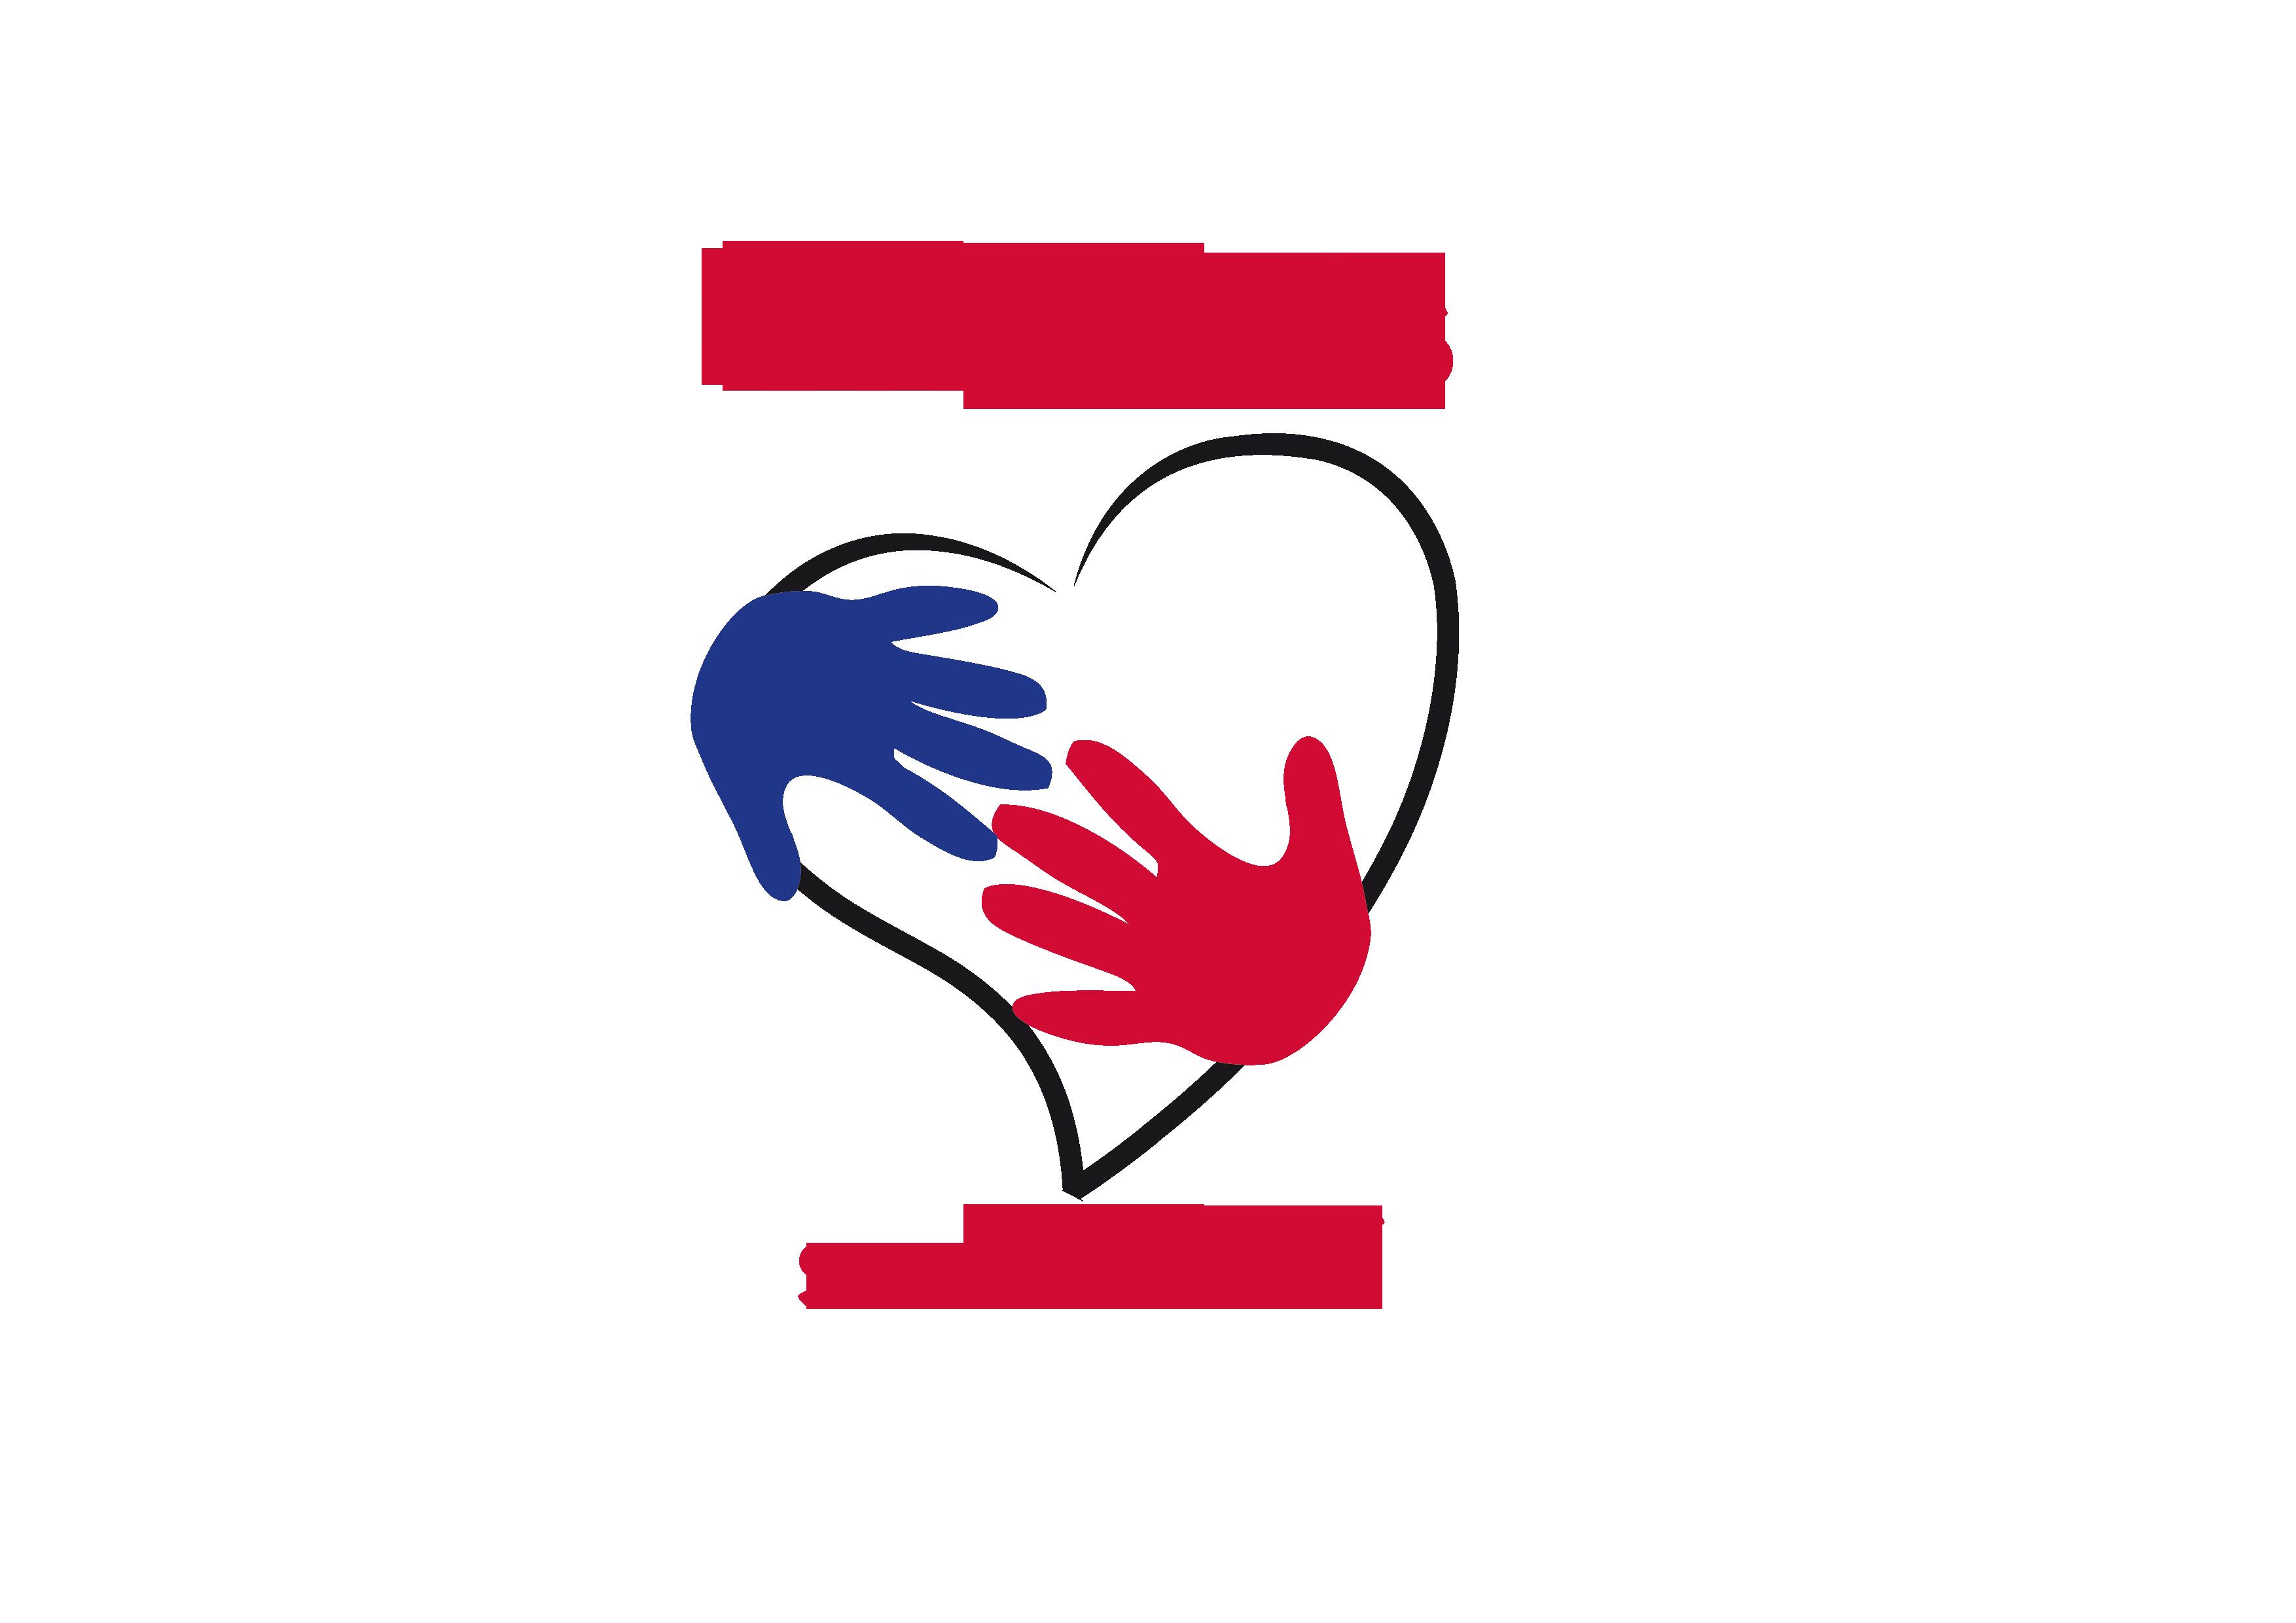 #SomosHaiti en verso